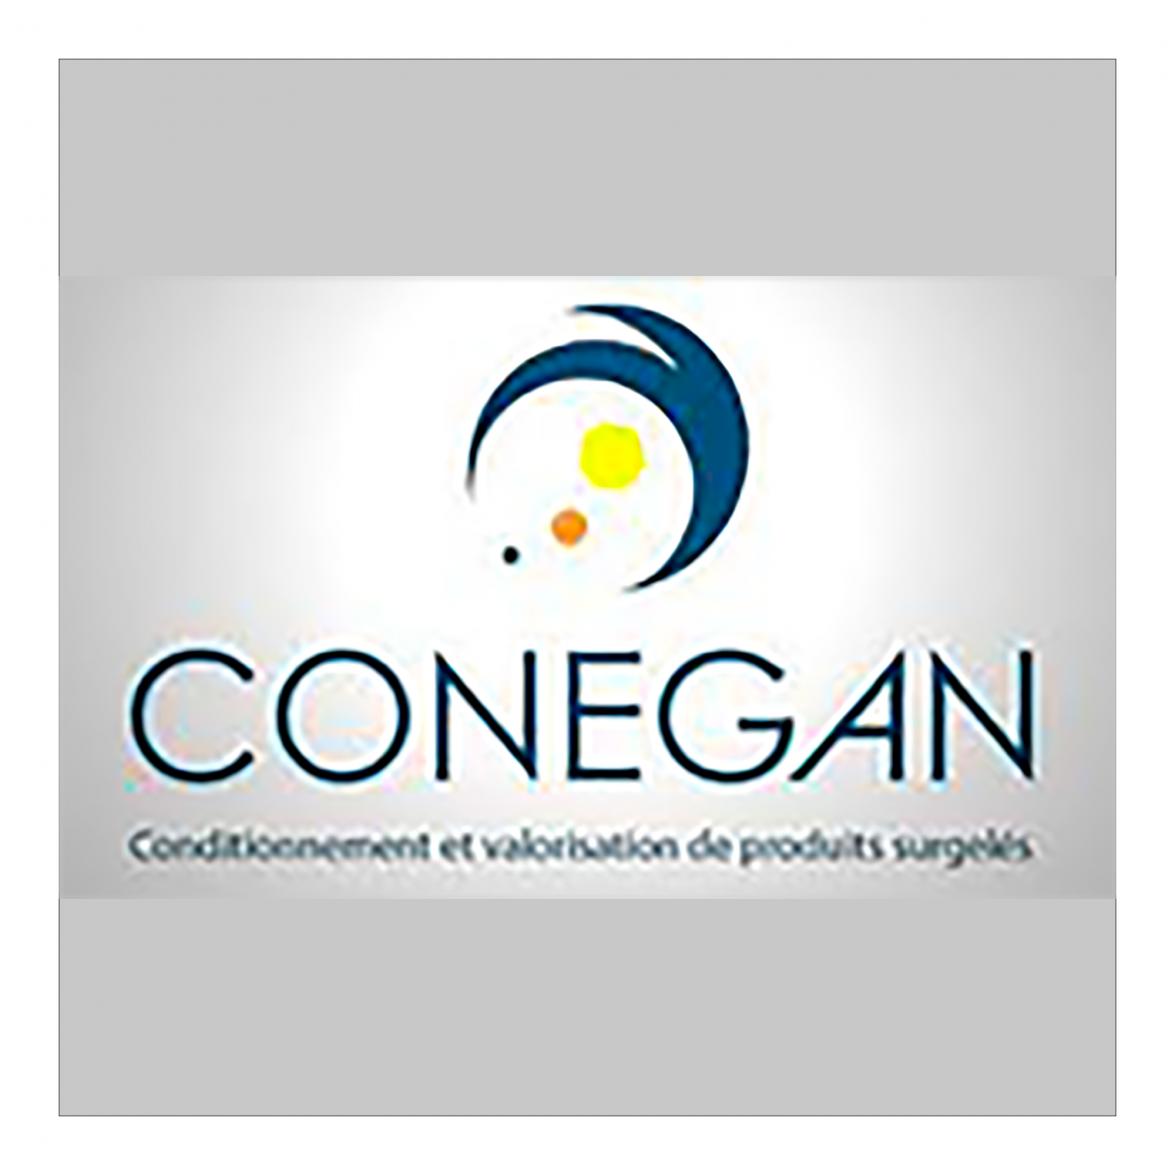 Angèle Von kiss - Mes clients - CONEGAN